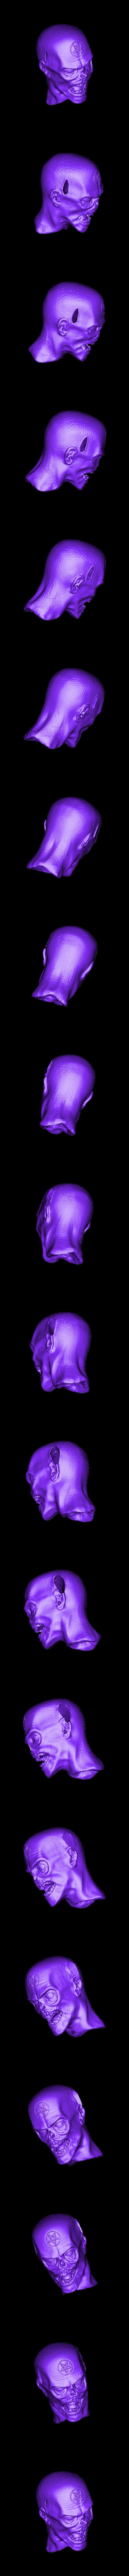 daedhead.stl Télécharger fichier STL TUEUR À GAGES • Objet à imprimer en 3D, freeclimbingbo